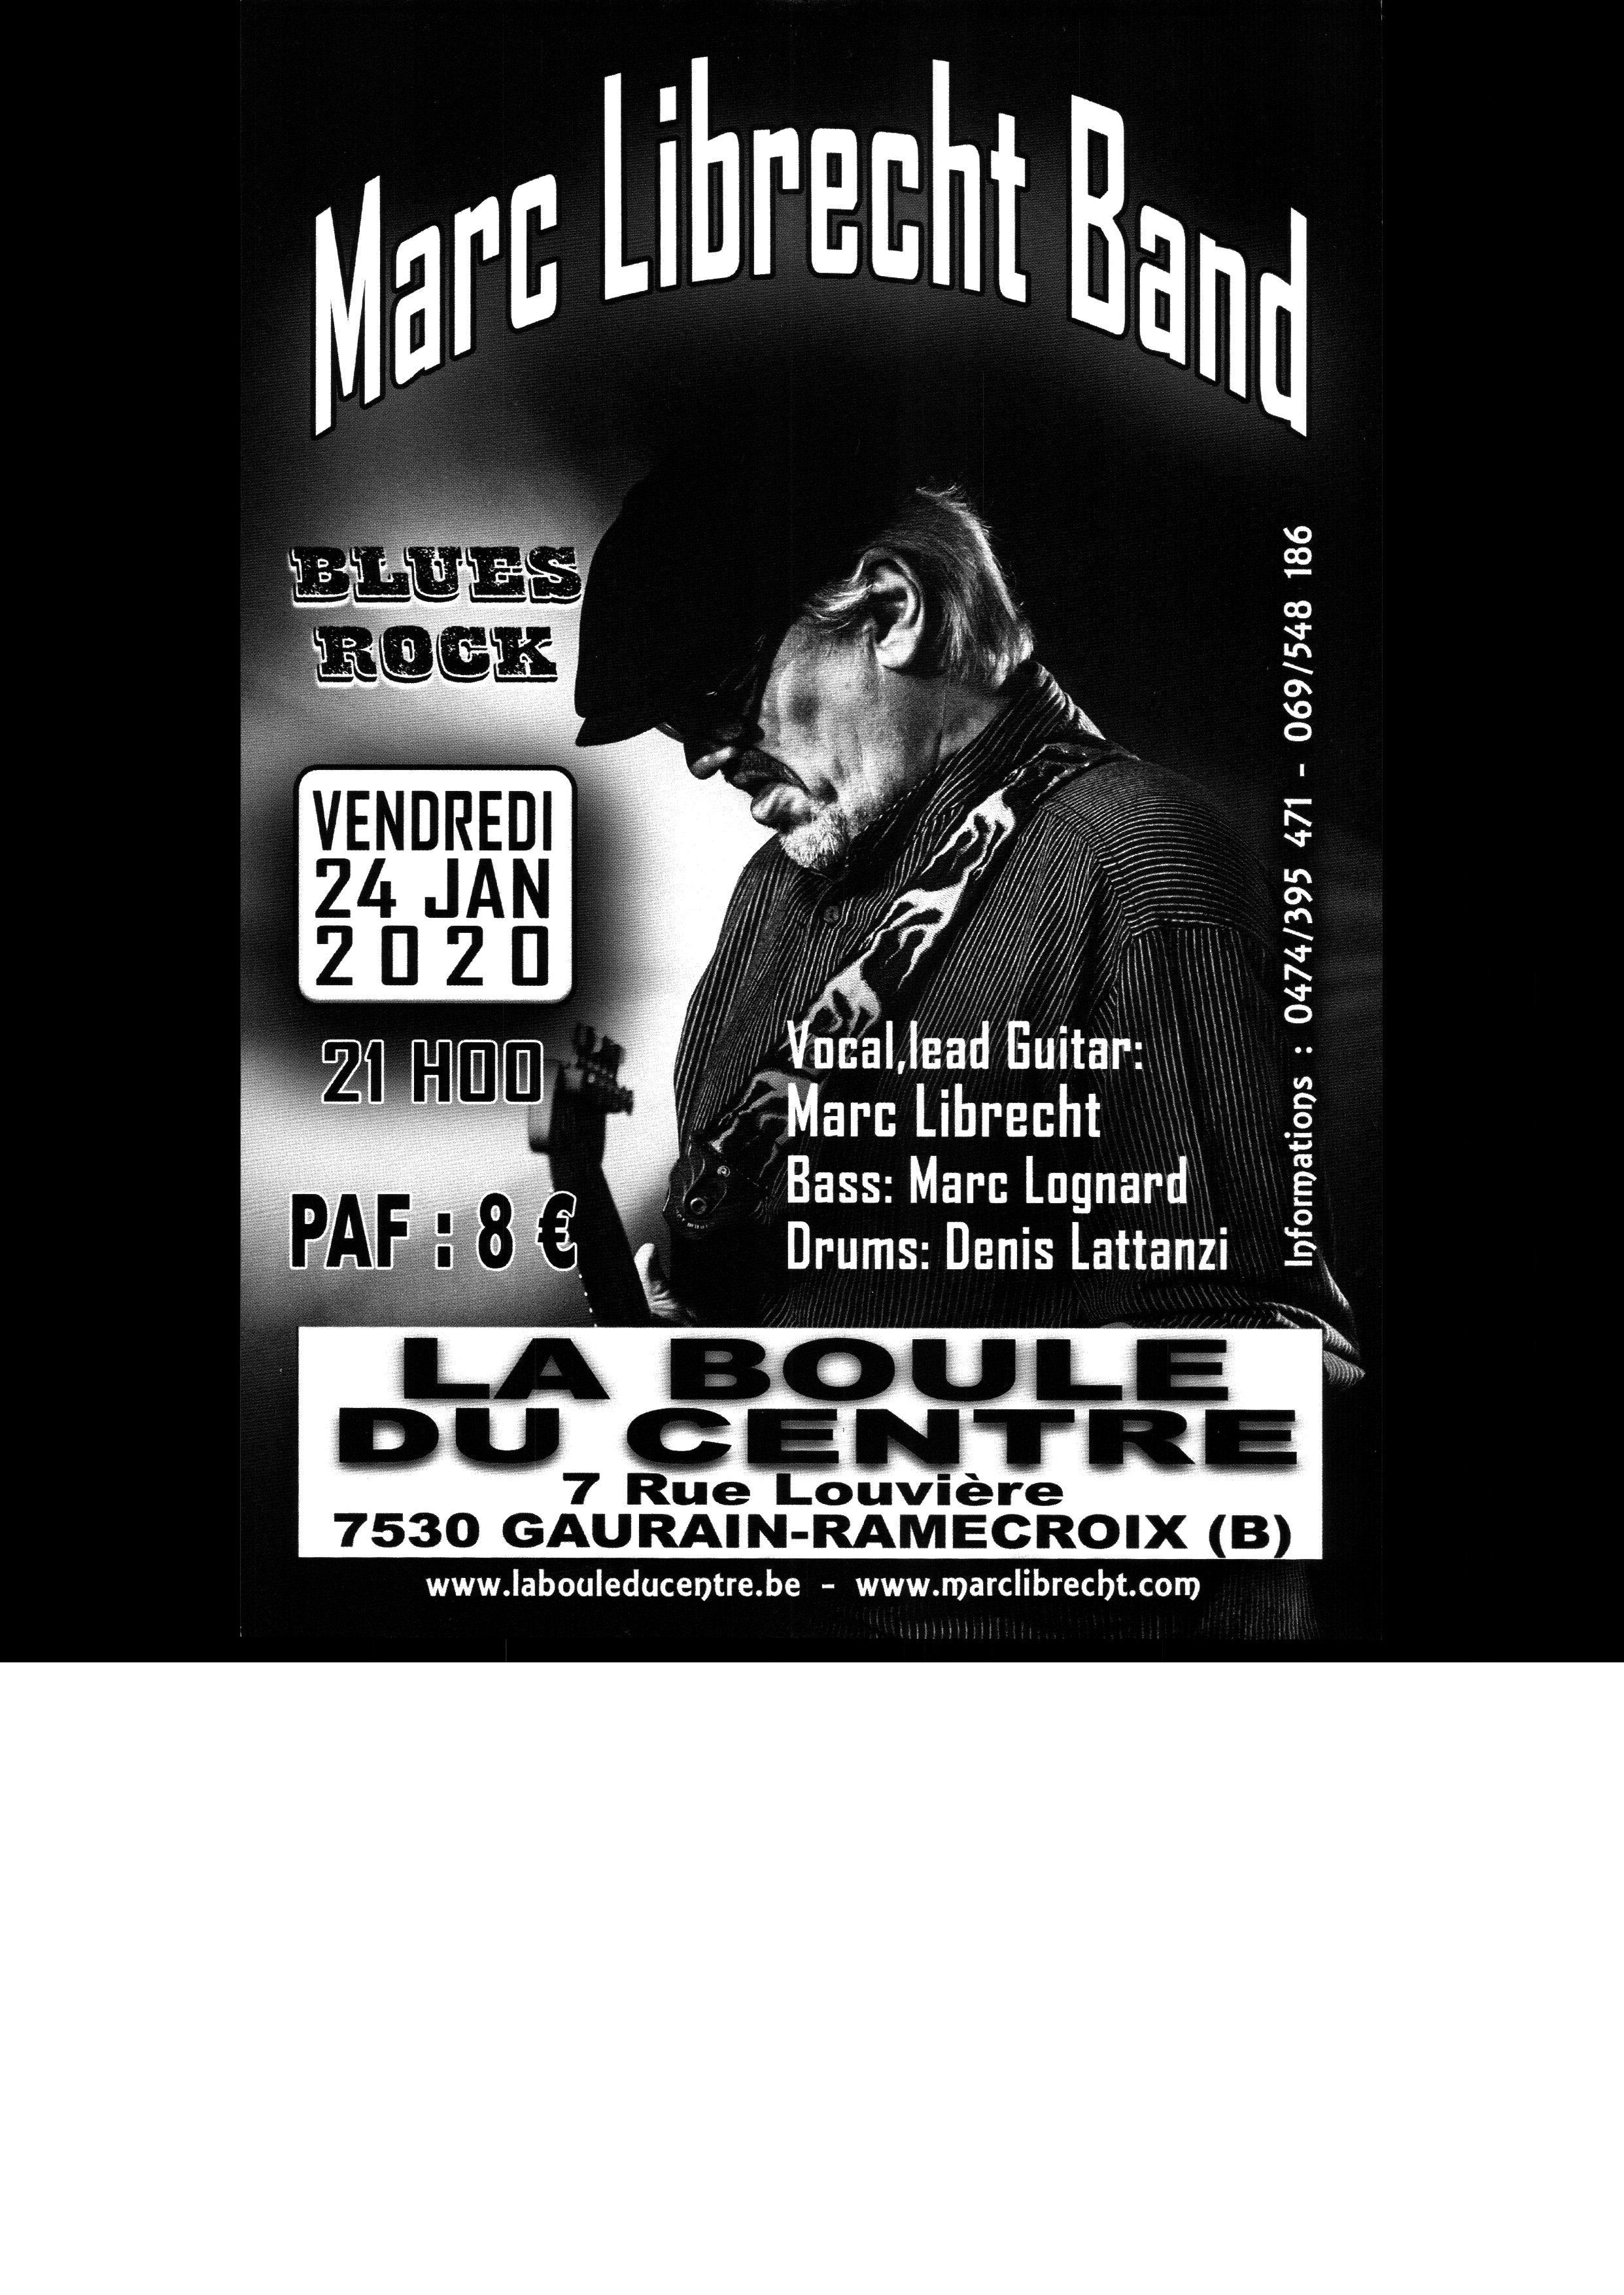 Marc Librecht Band à La Boule du Centre